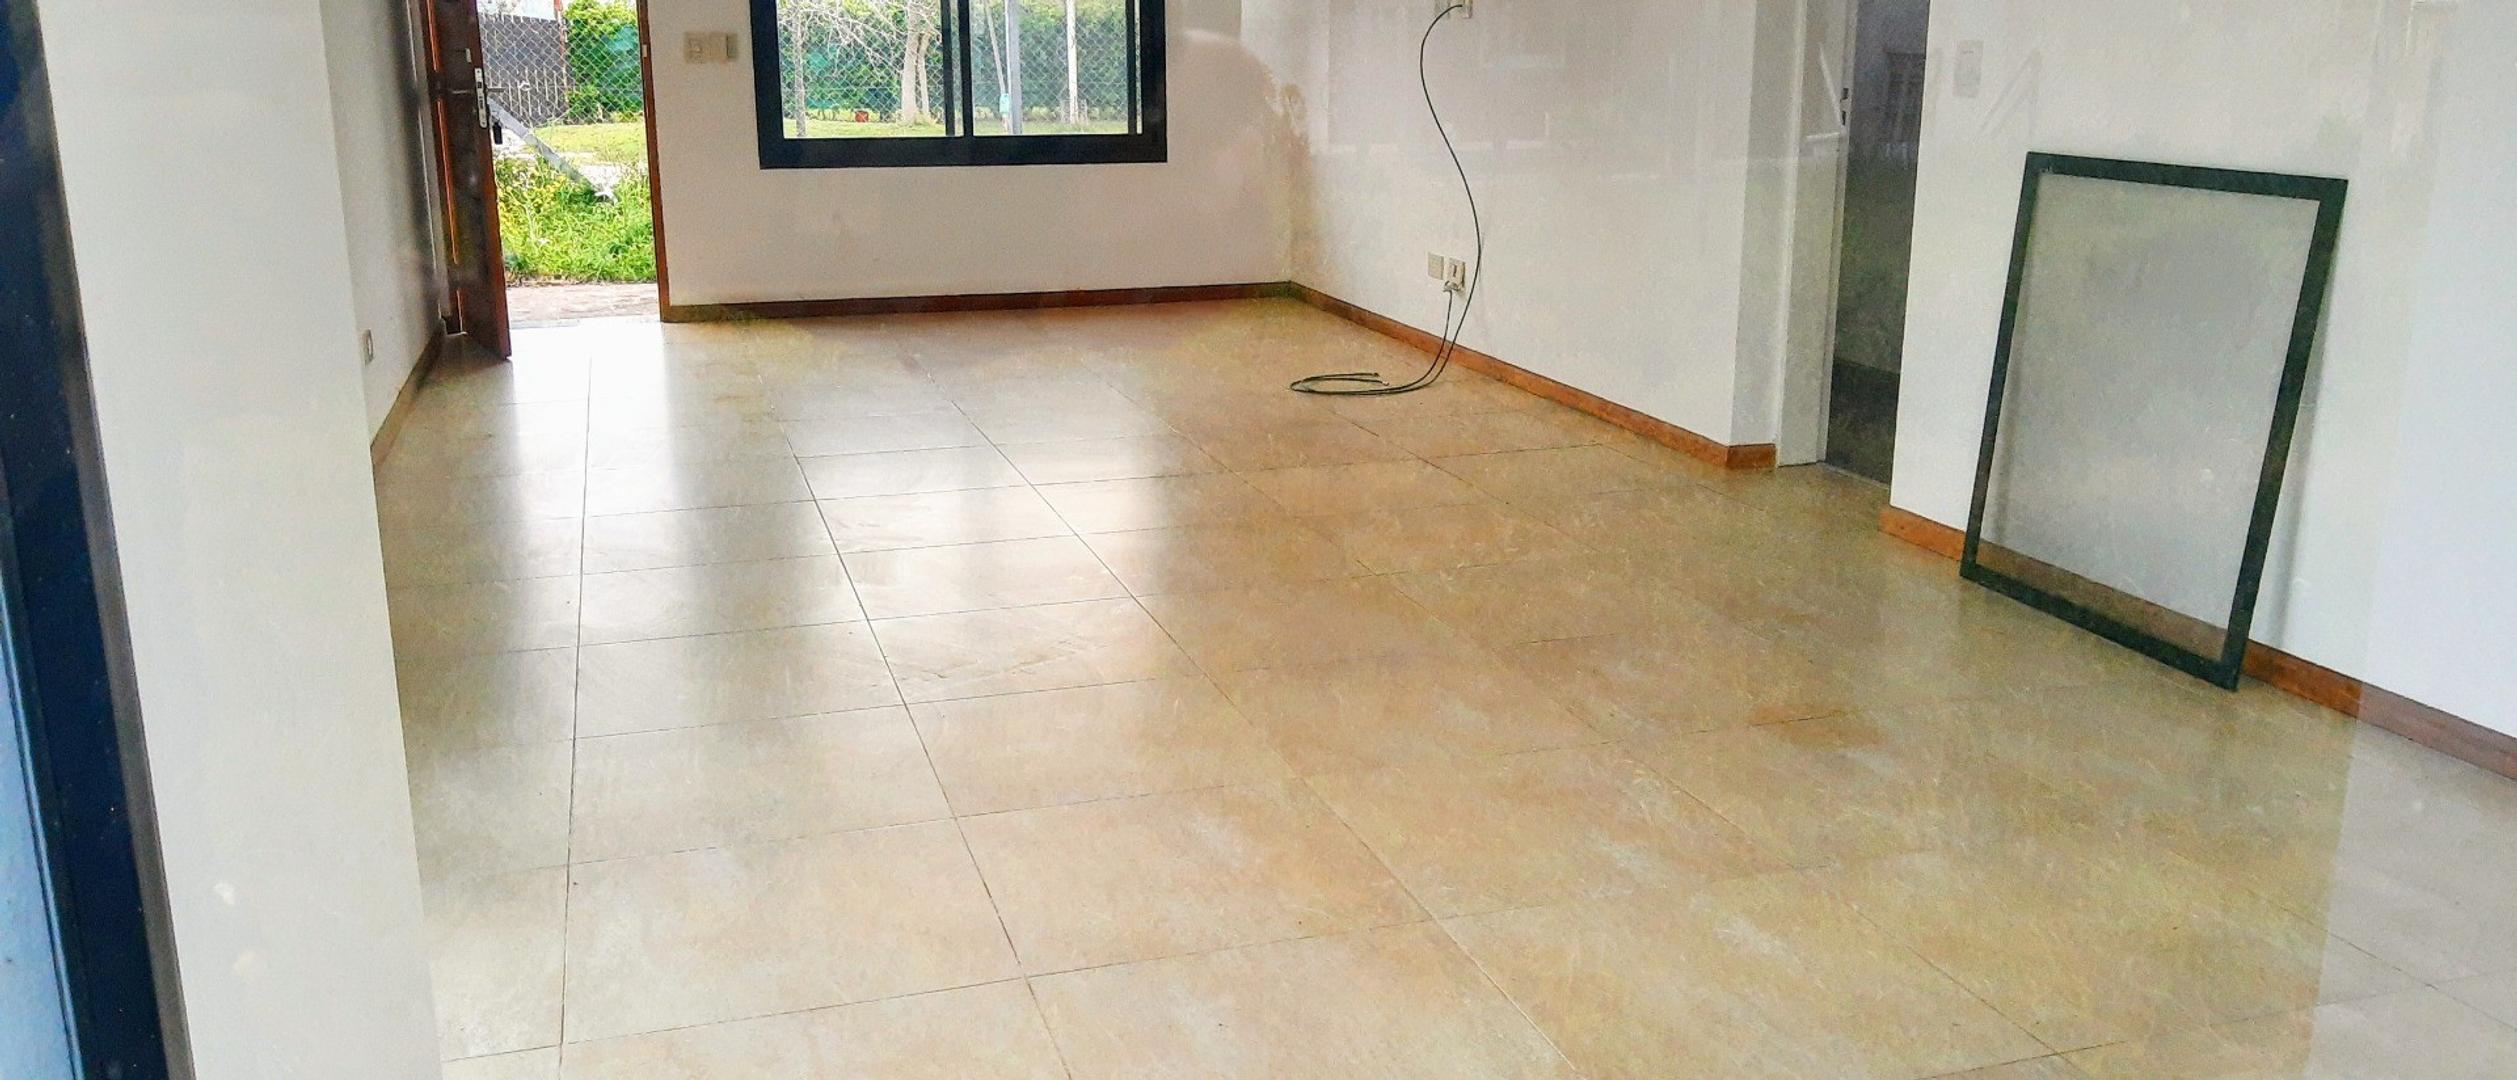 Casa - 75 m² | 1 dormitorio | A estrenar